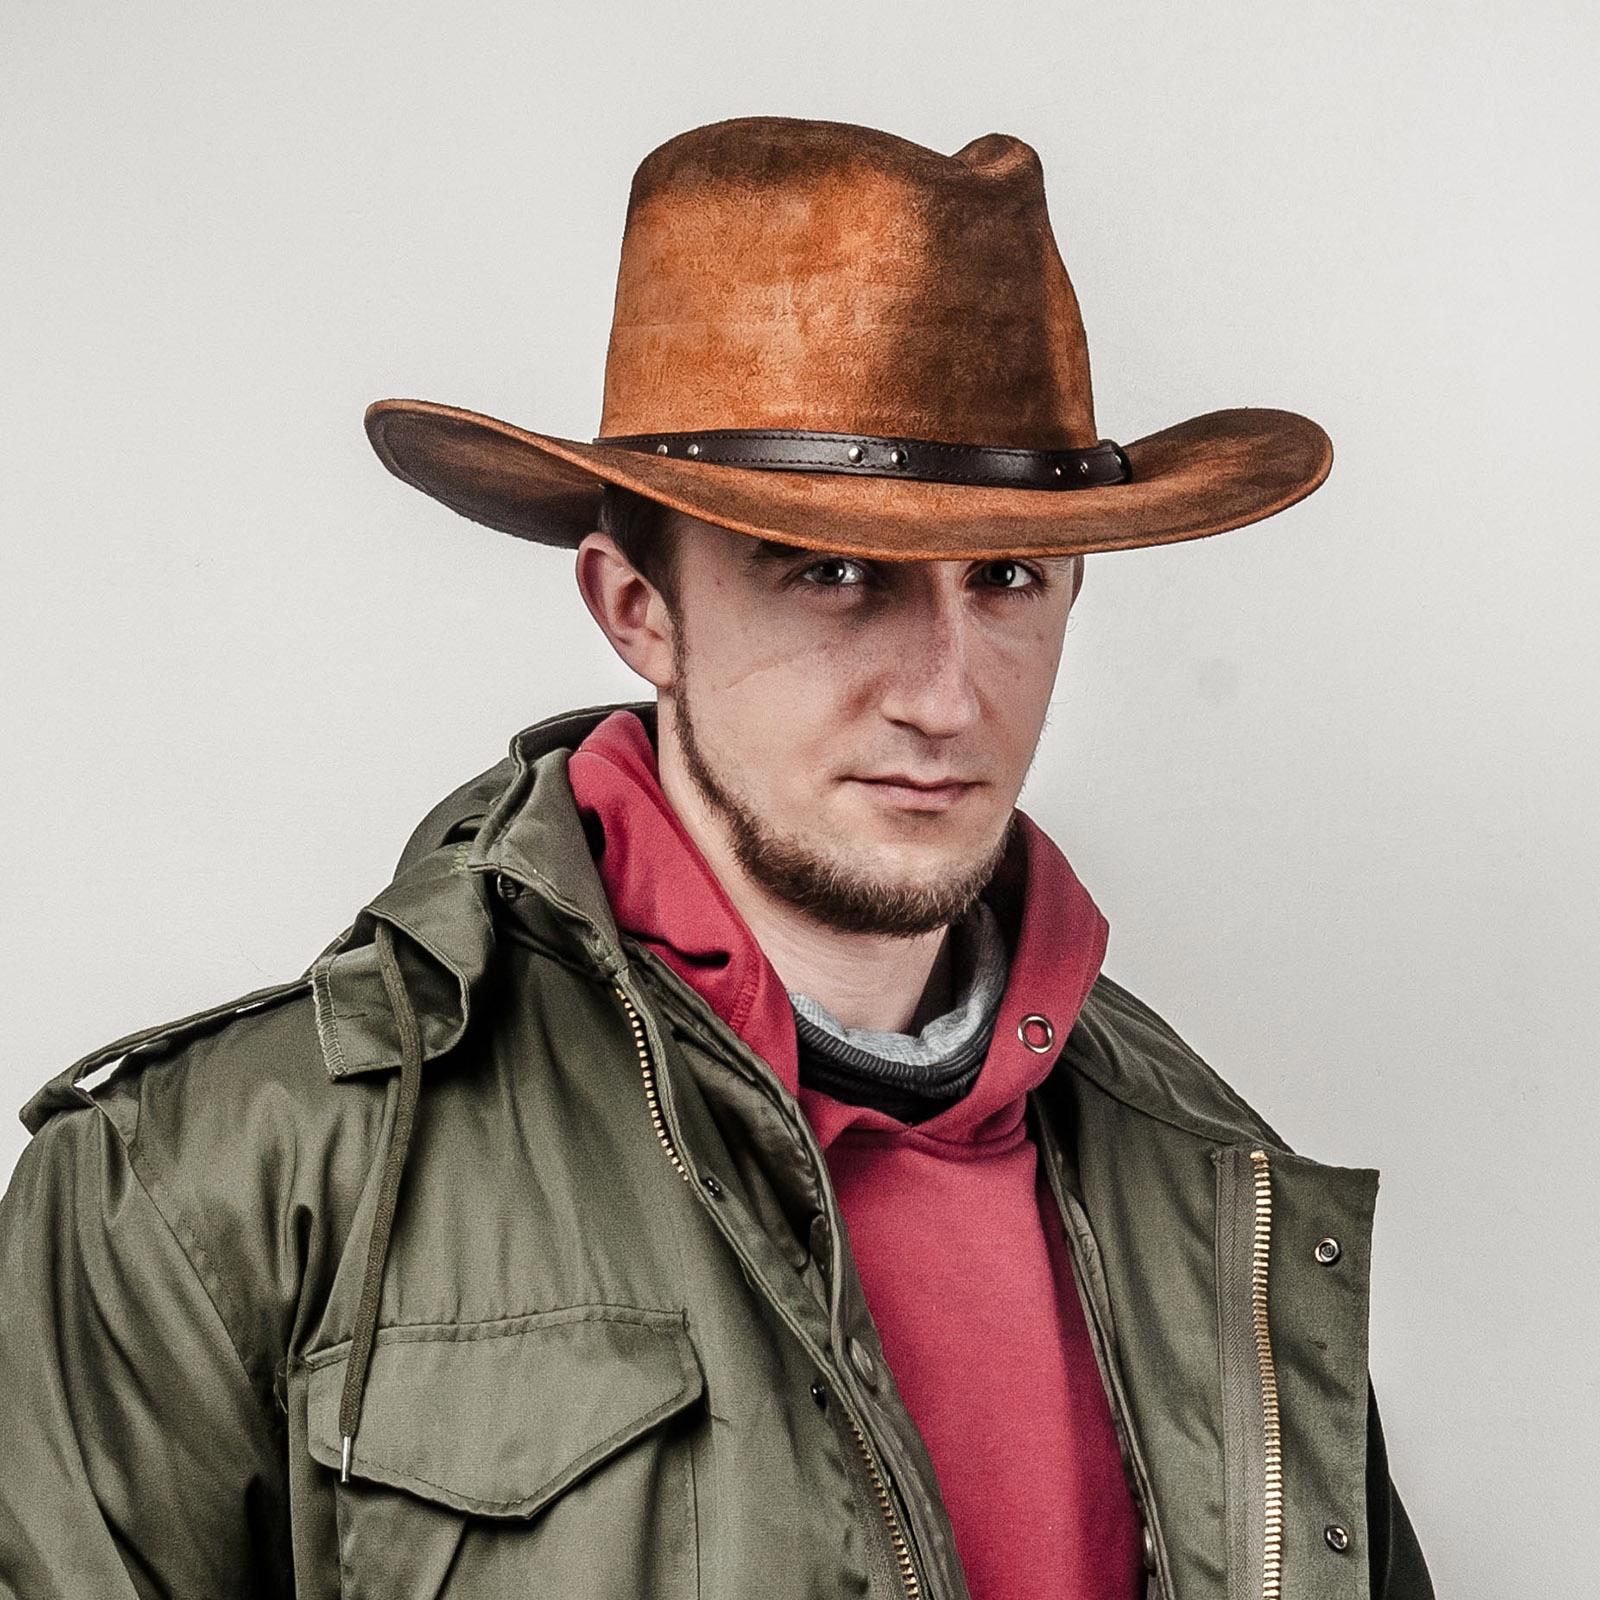 Skórzany kapelusz Kowbojski - polska pracownia kapeluszy